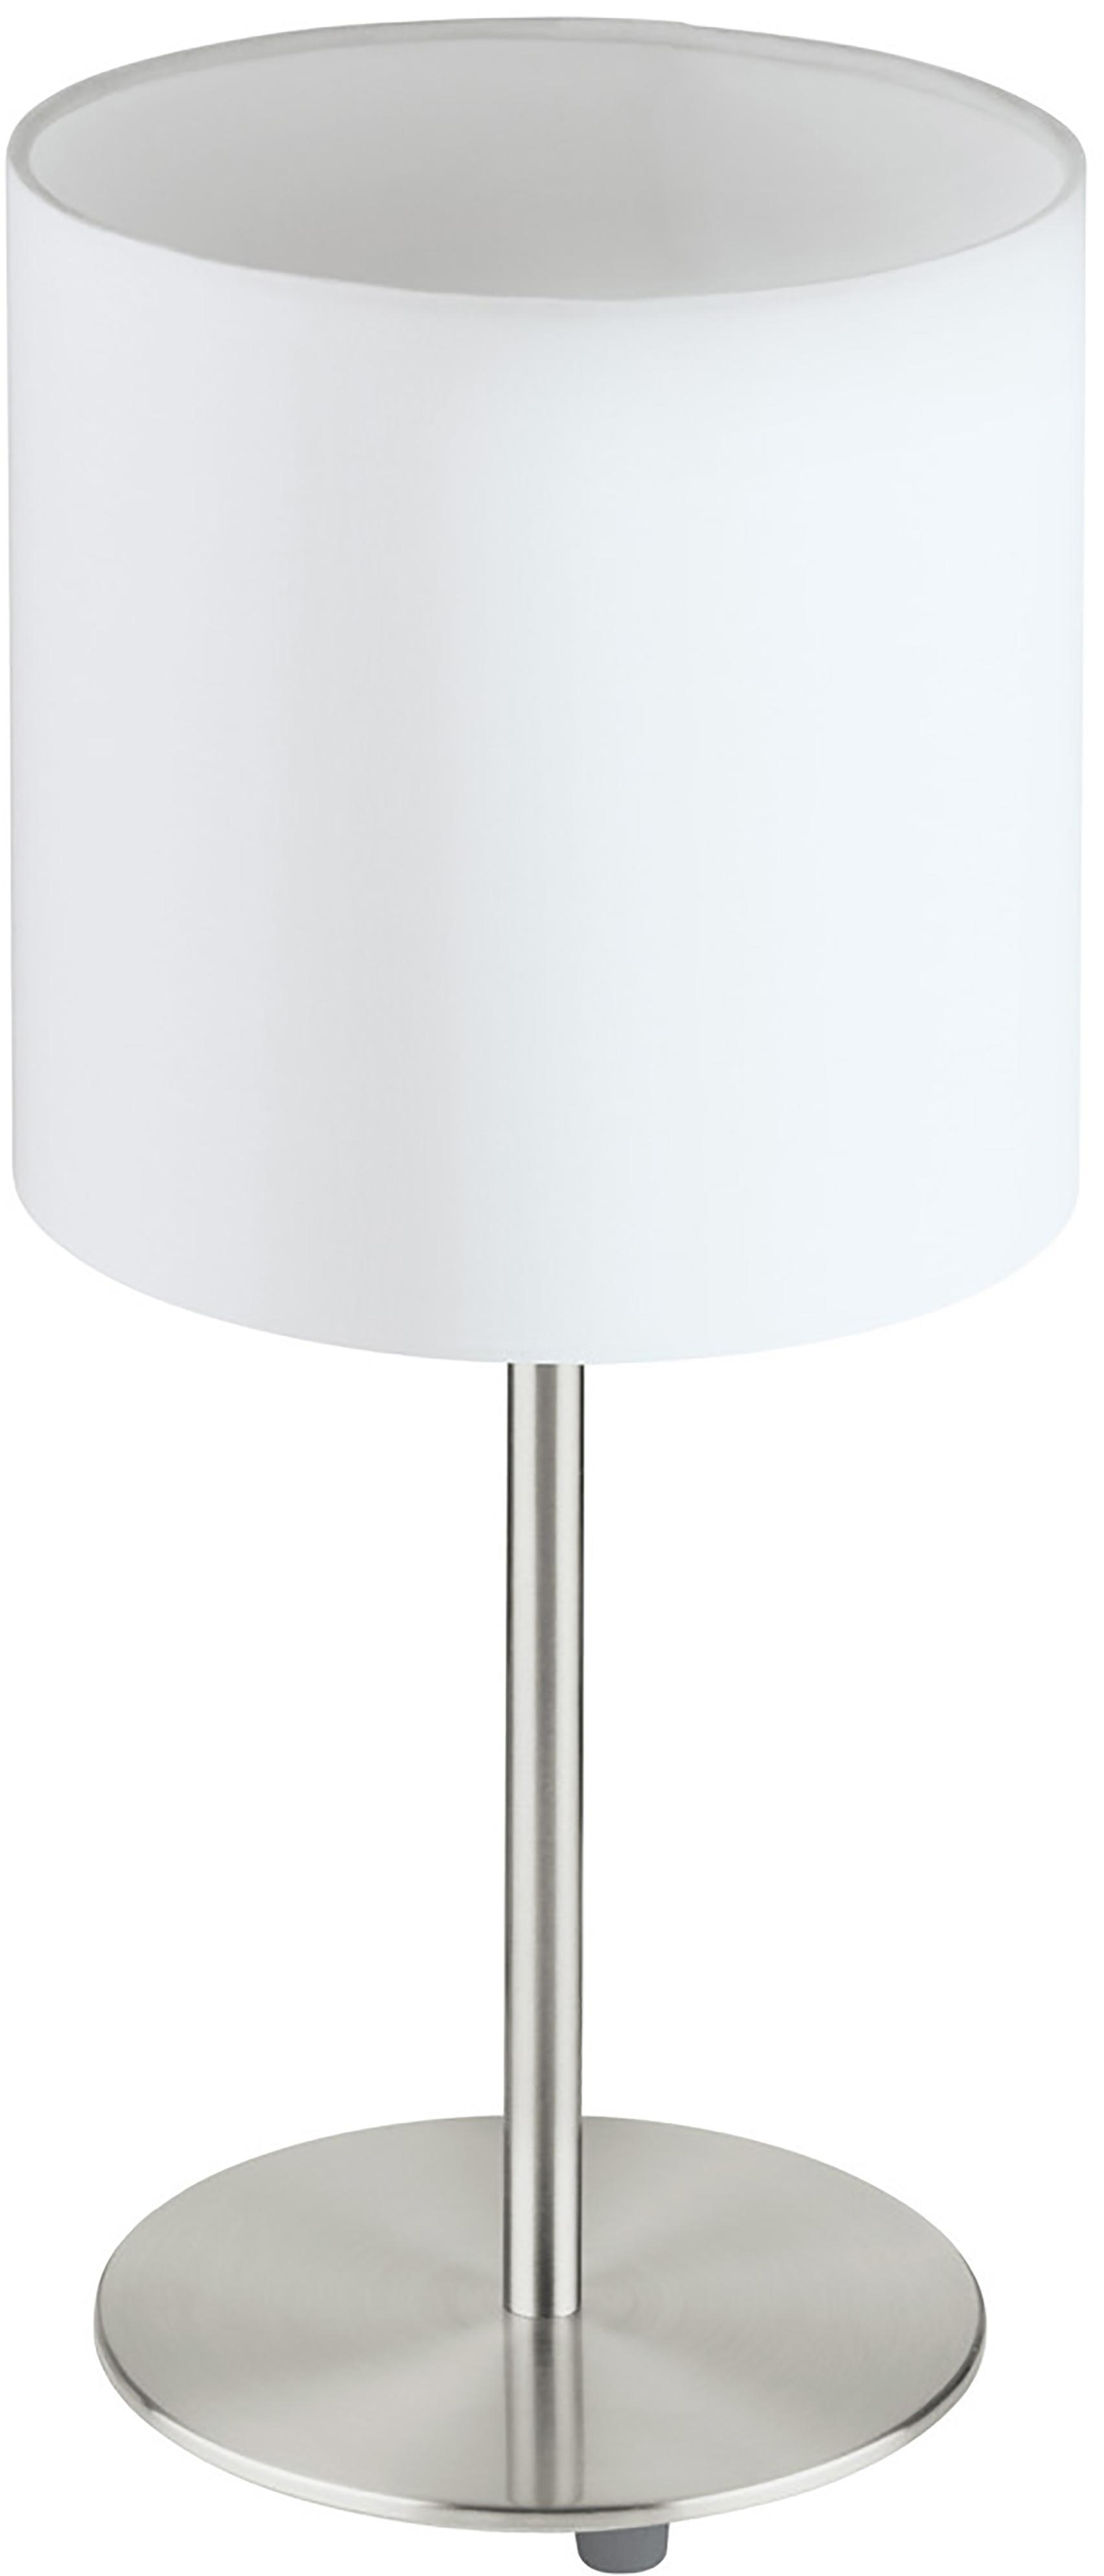 Lampada da tavolo Mick, Paralume: tessuto, Base della lampada: metallo nichelato, Bianco, argentato, Ø 18 x Alt. 40 cm